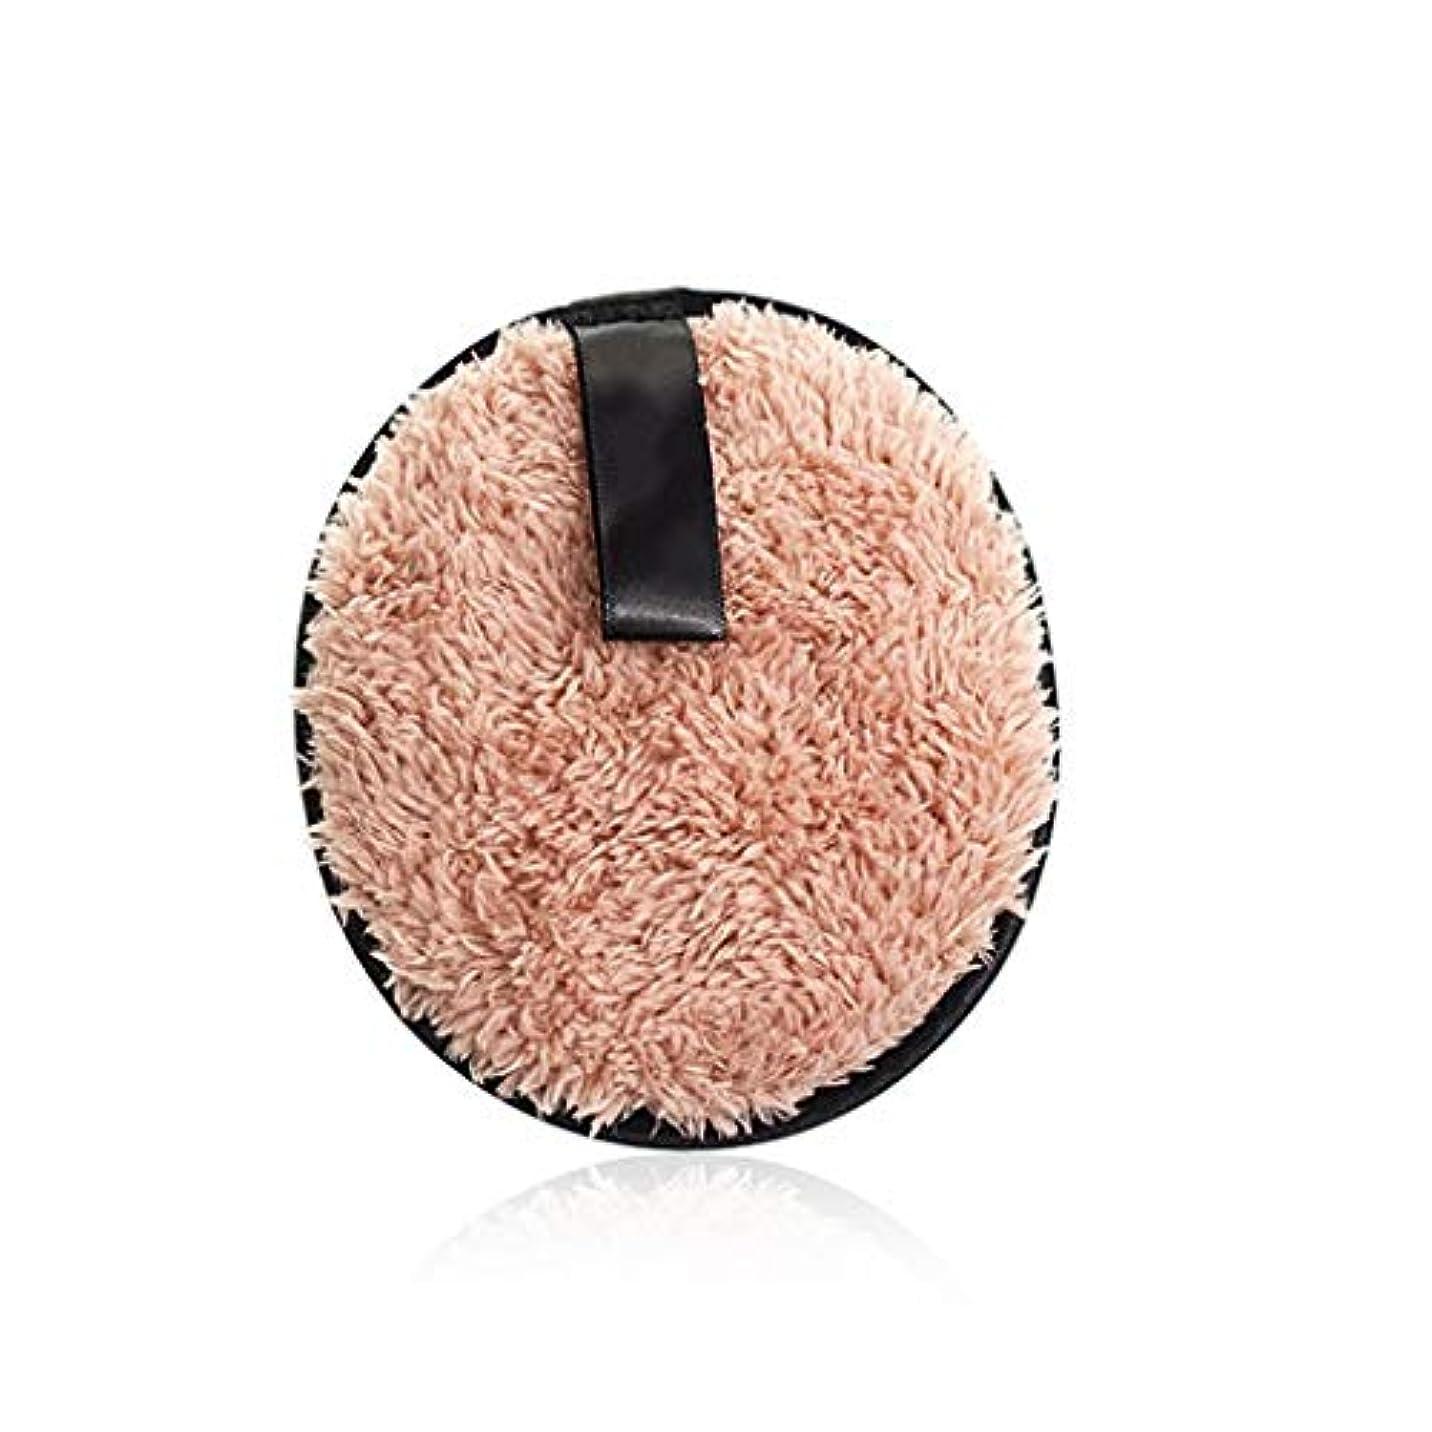 舞い上がる否定する専門フェイスメイクアップリムーバーソフトスポンジコットンメイクアップリムーバークロスパウダーパフ洗顔ワイプ再利用可能な洗えるパッド (Color : Light brown, サイズ : 4.7*4.7*0.7inch)